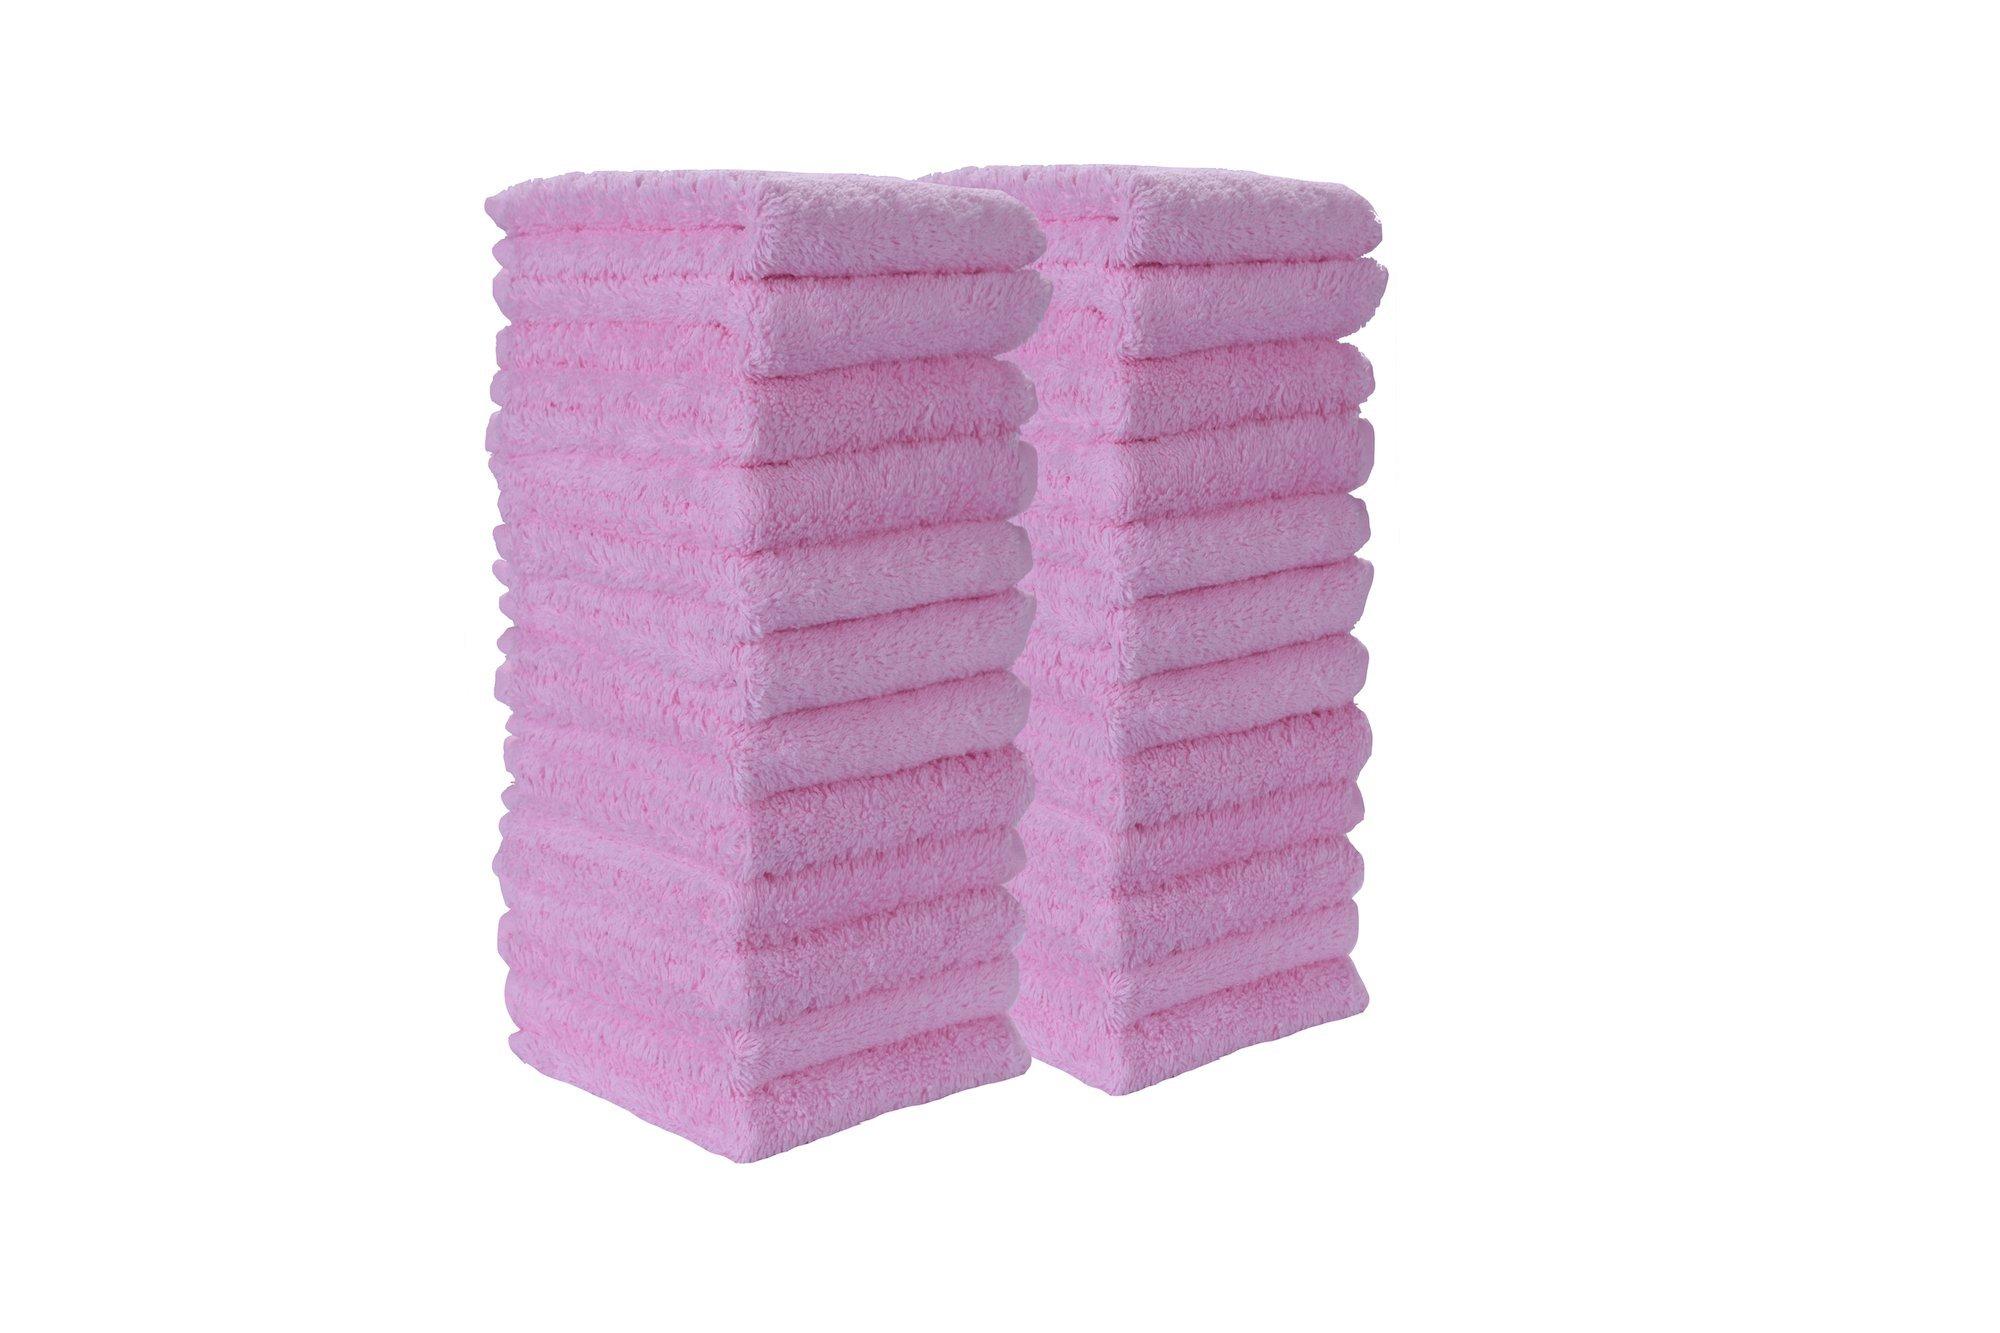 100% Turkish Soft Cotton Washcloth, Made in Turkey (Set of 24, Light Pink)